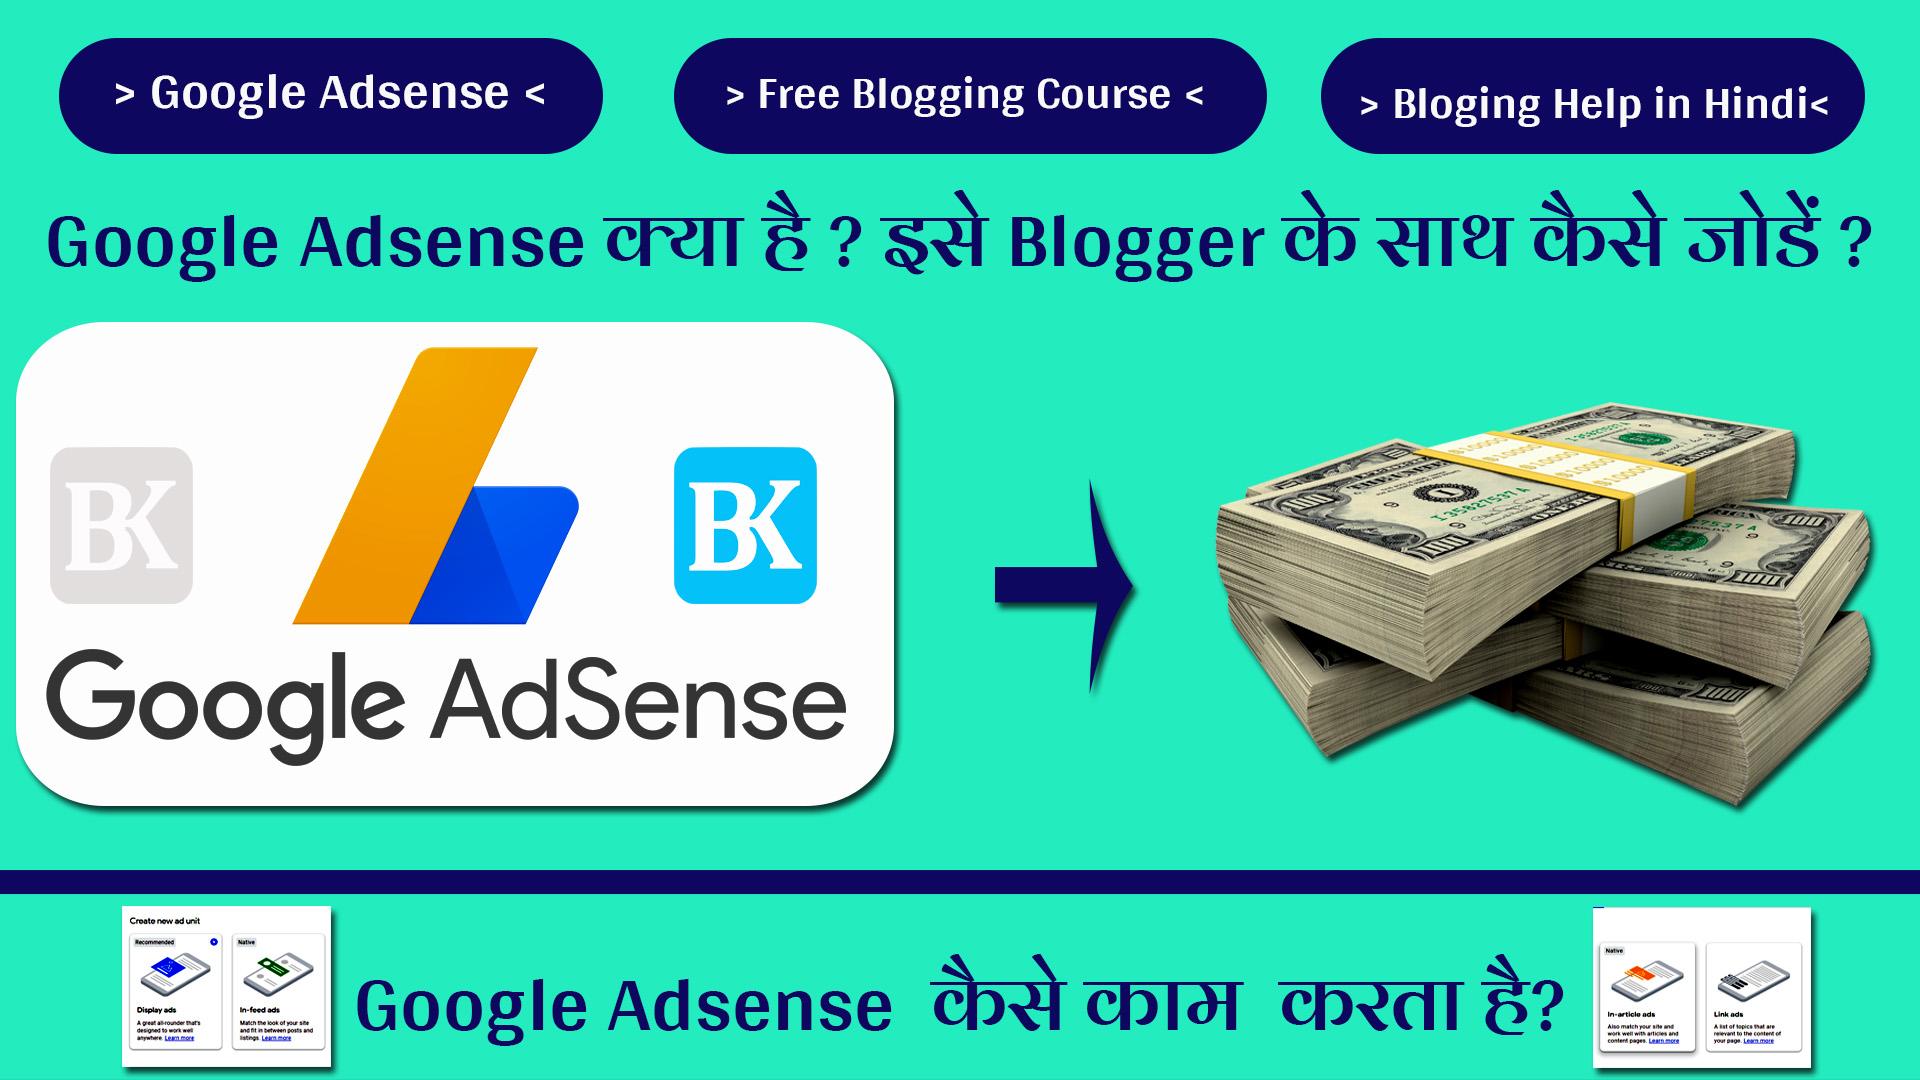 Google Adsense क्या है? और Google Adsense  कैसे काम  करता है? , Google Adsense क्या है ? इसे Blogger के साथ कैसे जोड़ें ?